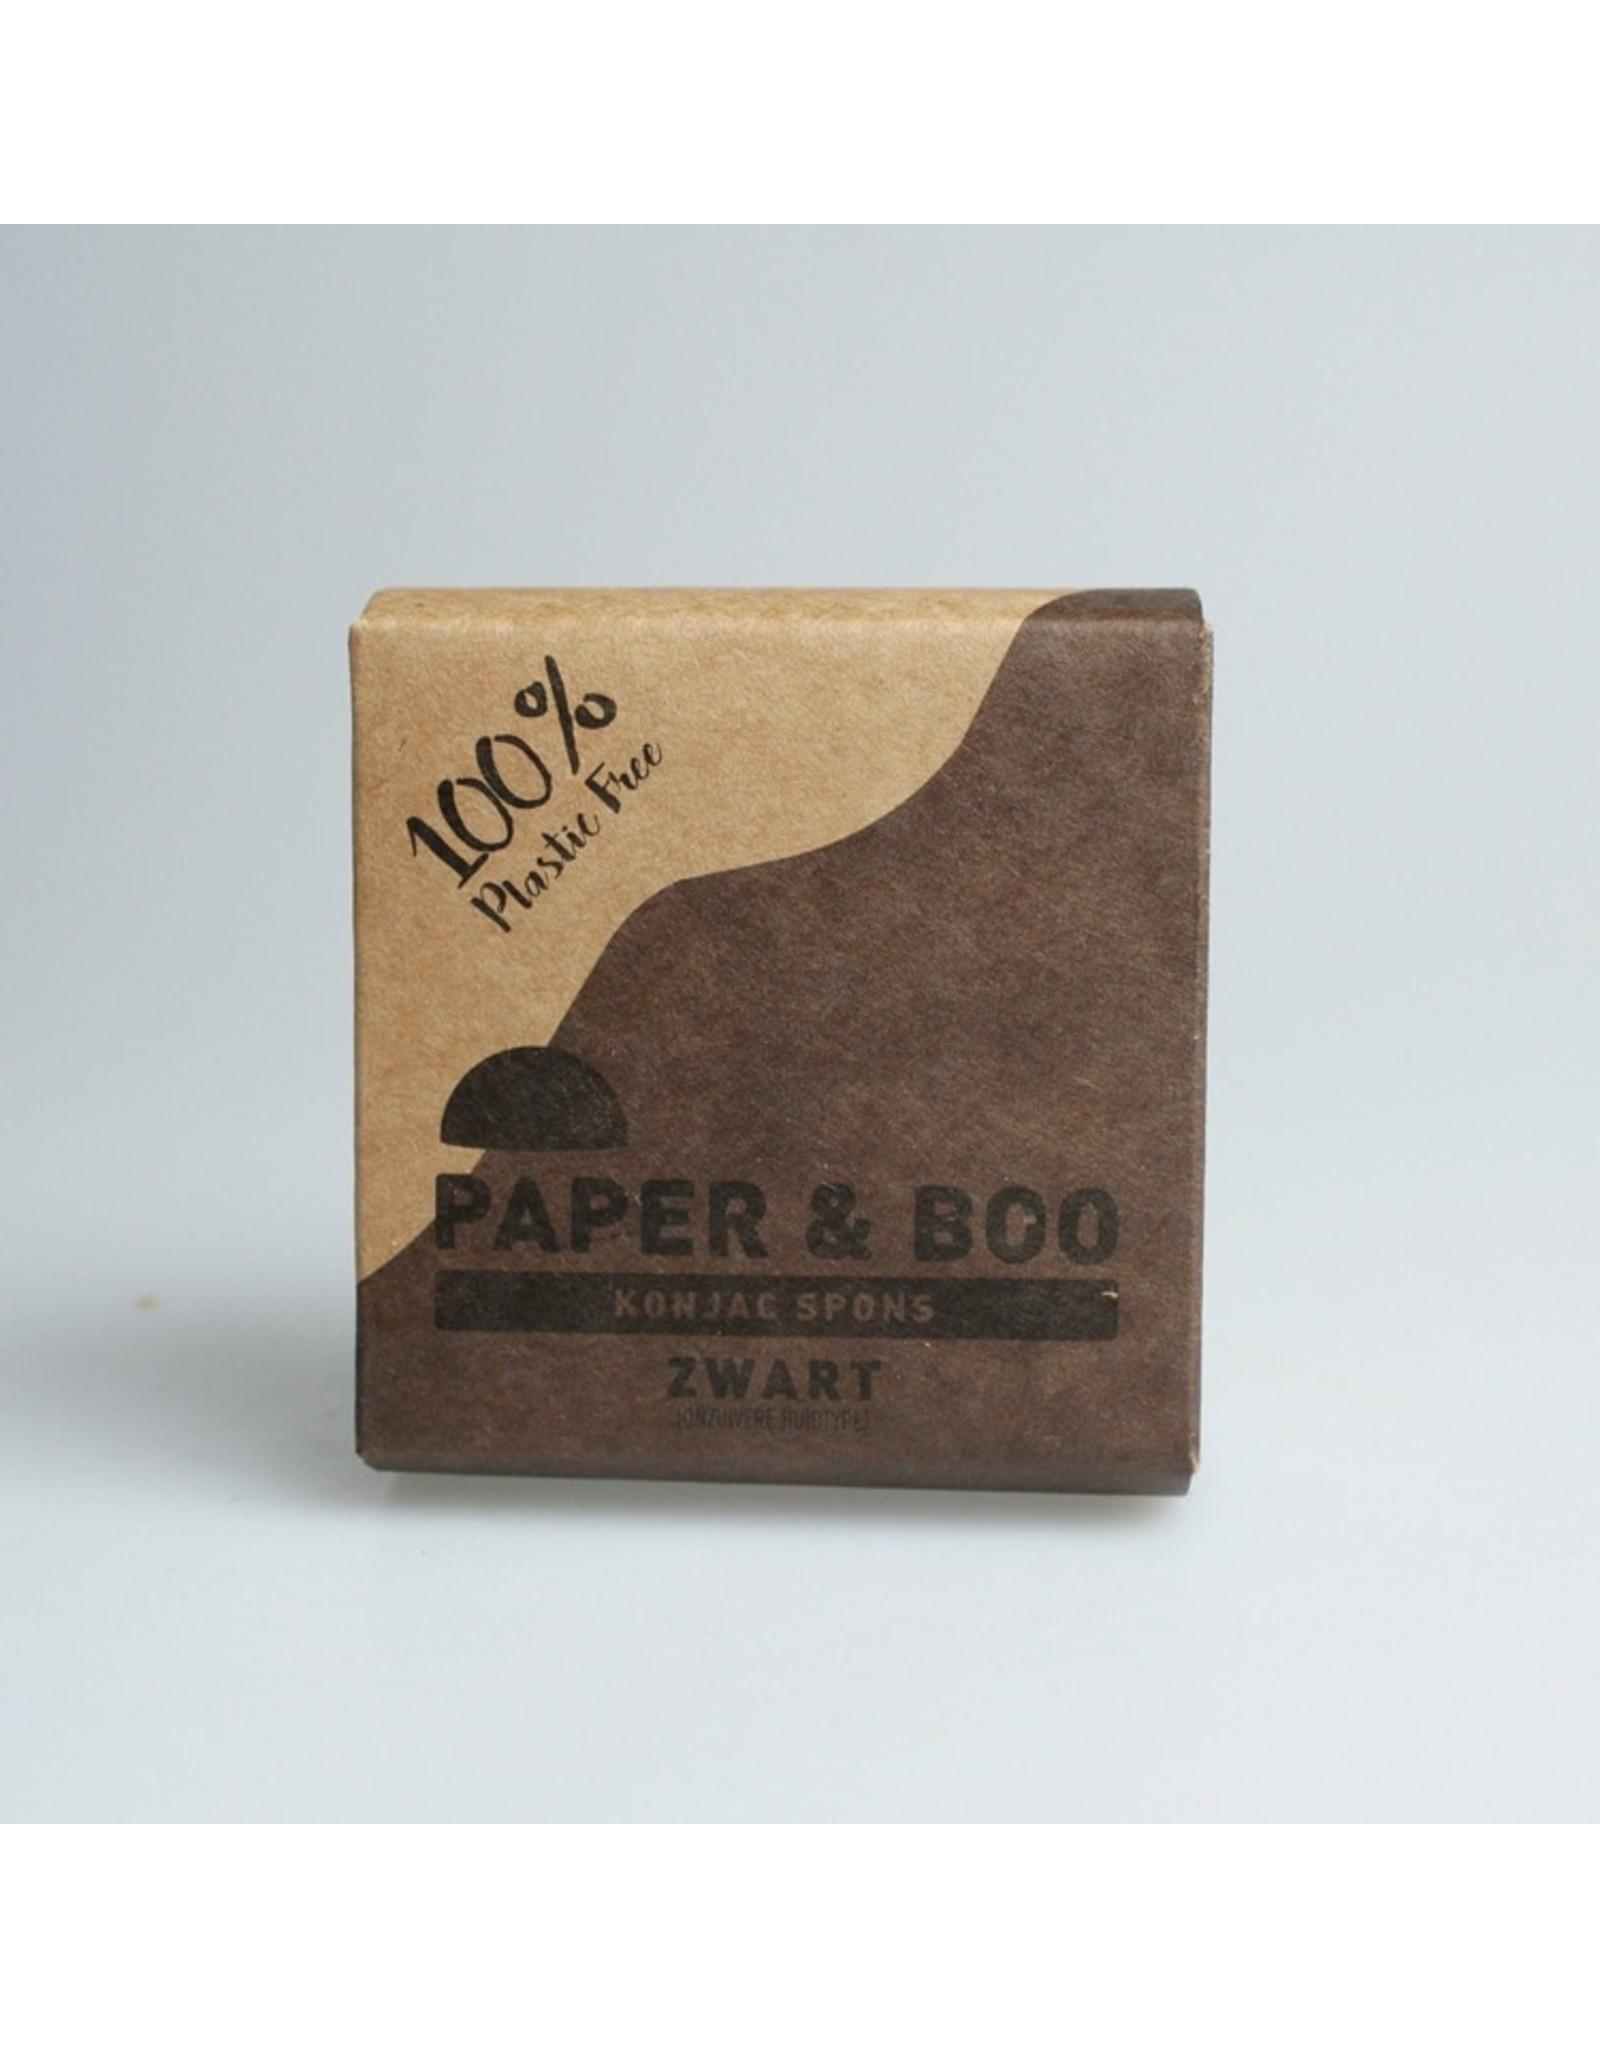 PAPER & BOO Konjac spons zwart (onzuivere huid)